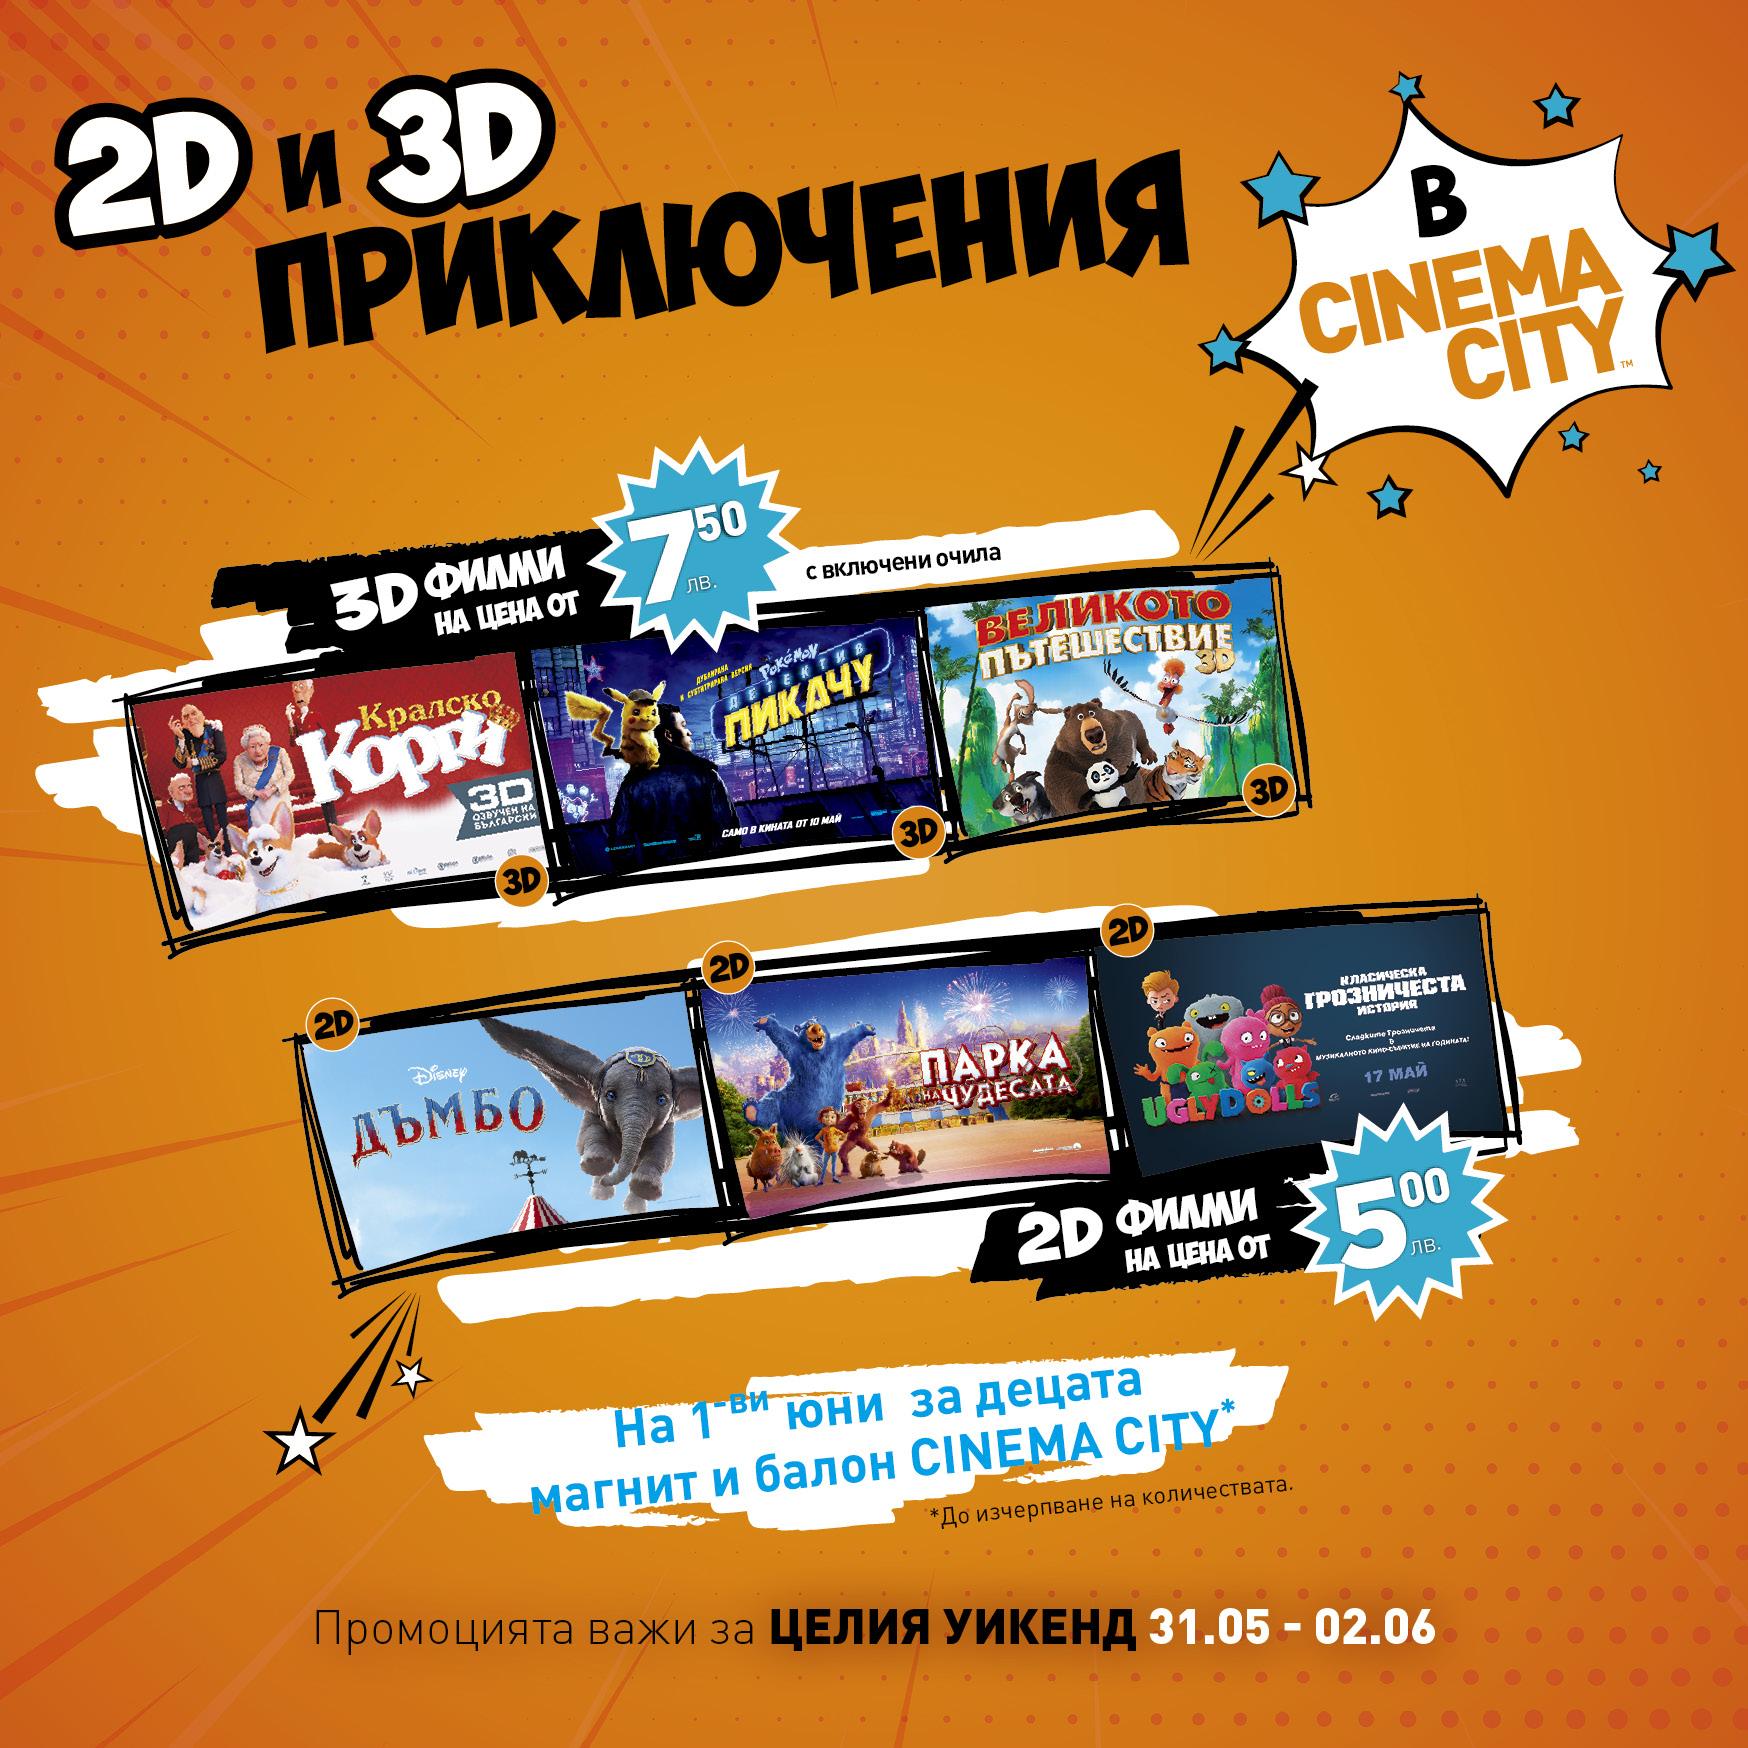 Вълнуващ детски кино уикенд в Cinema City